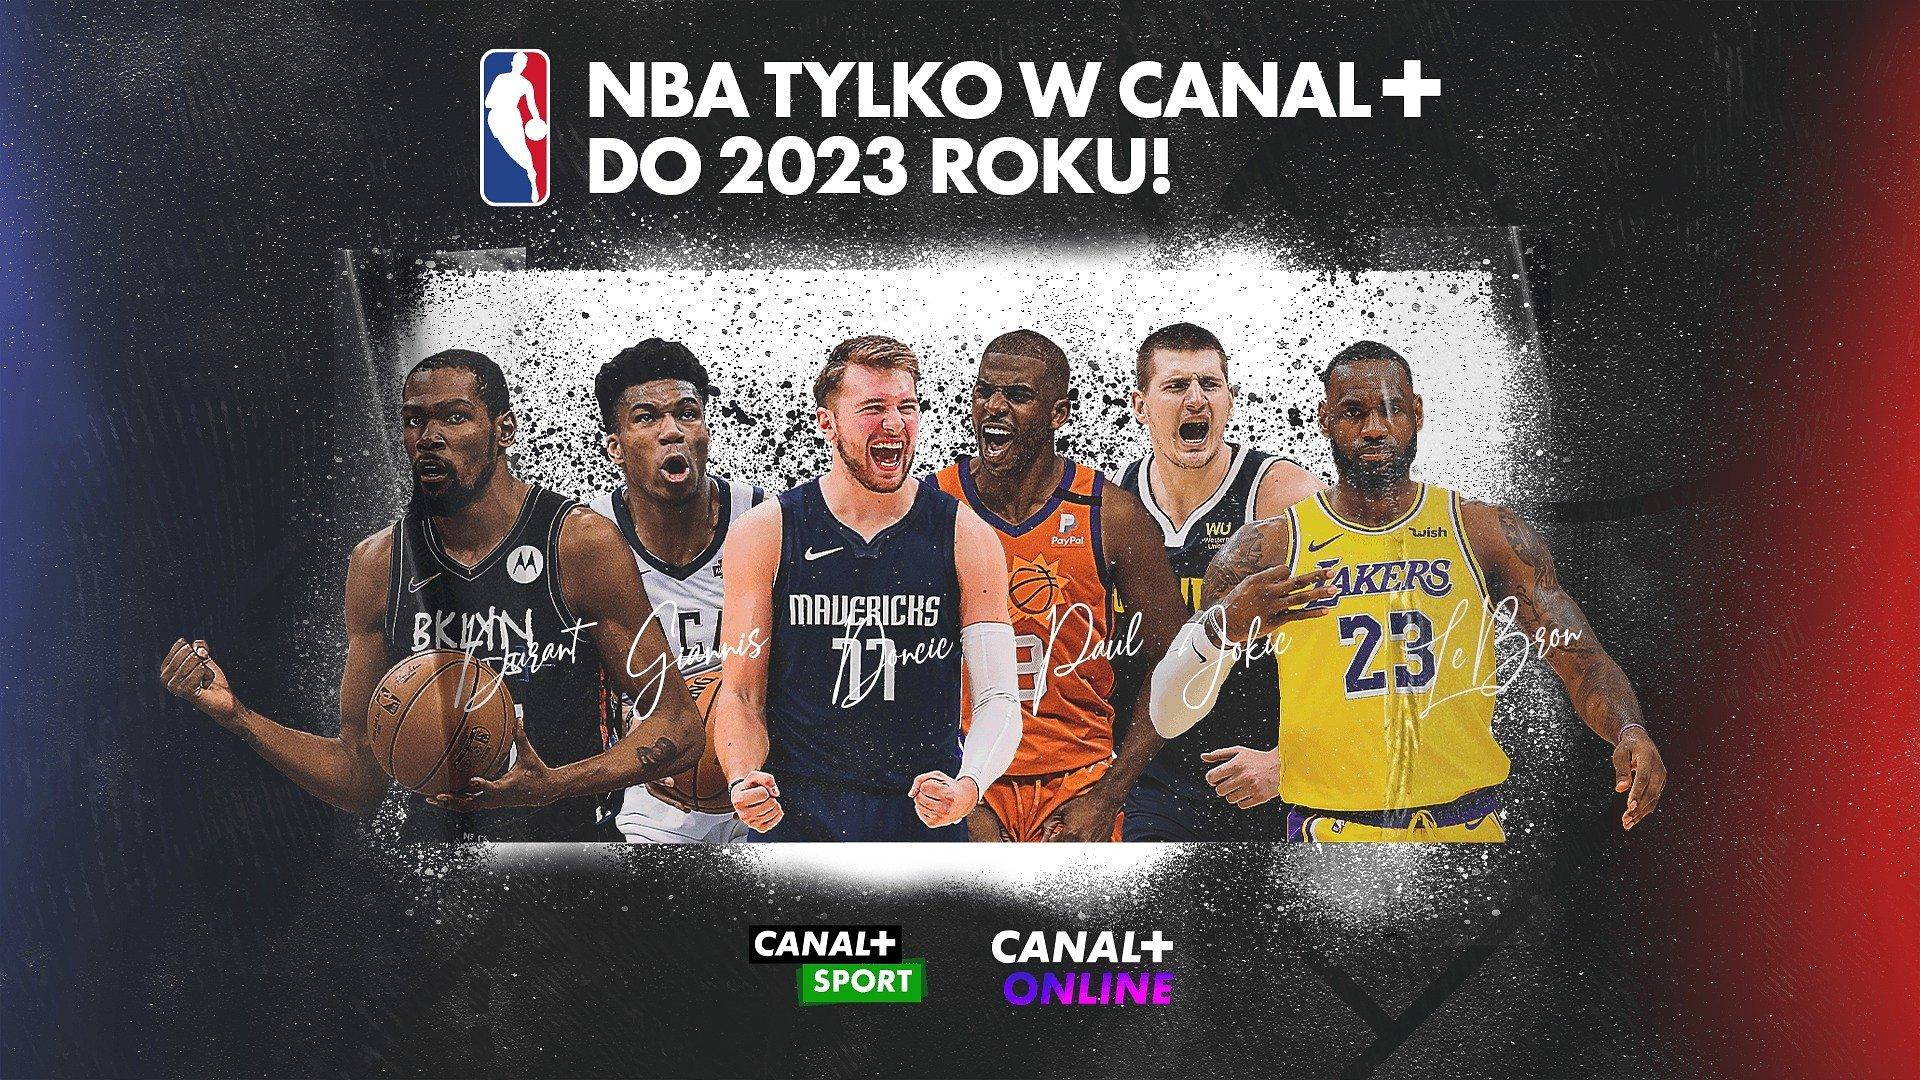 CANAL+ I NBA ŚWIĘTUJĄ 20-LECIE WSPÓŁPRACY I PRZEDŁUŻAJĄ KONTRAKT O KOLEJNE DWA SEZONY